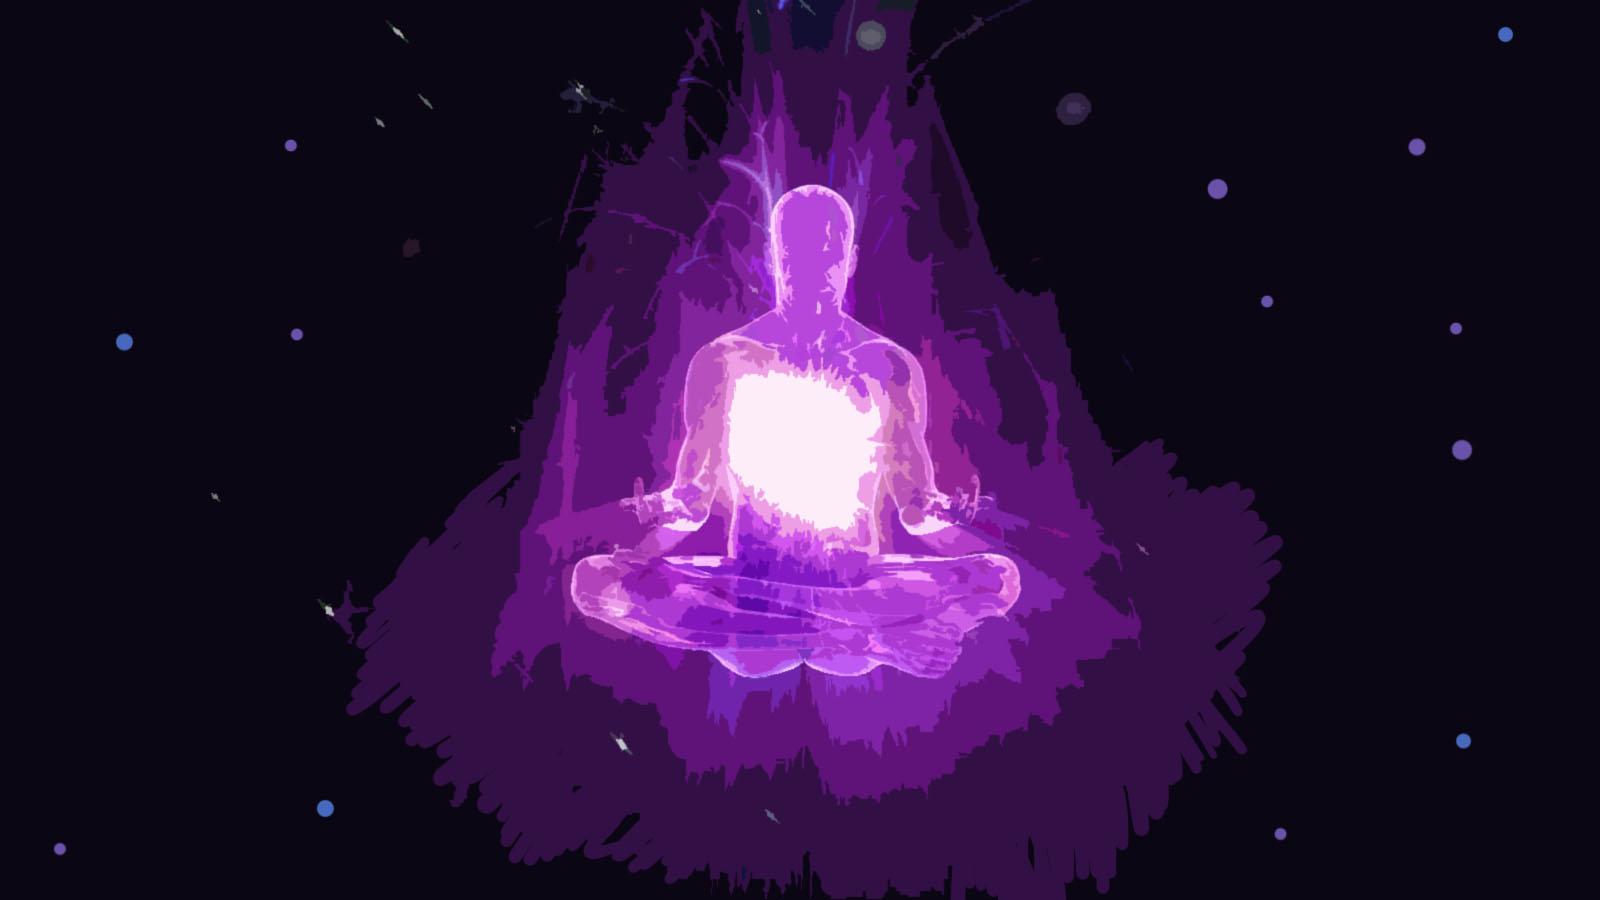 medytacja pseudonauka